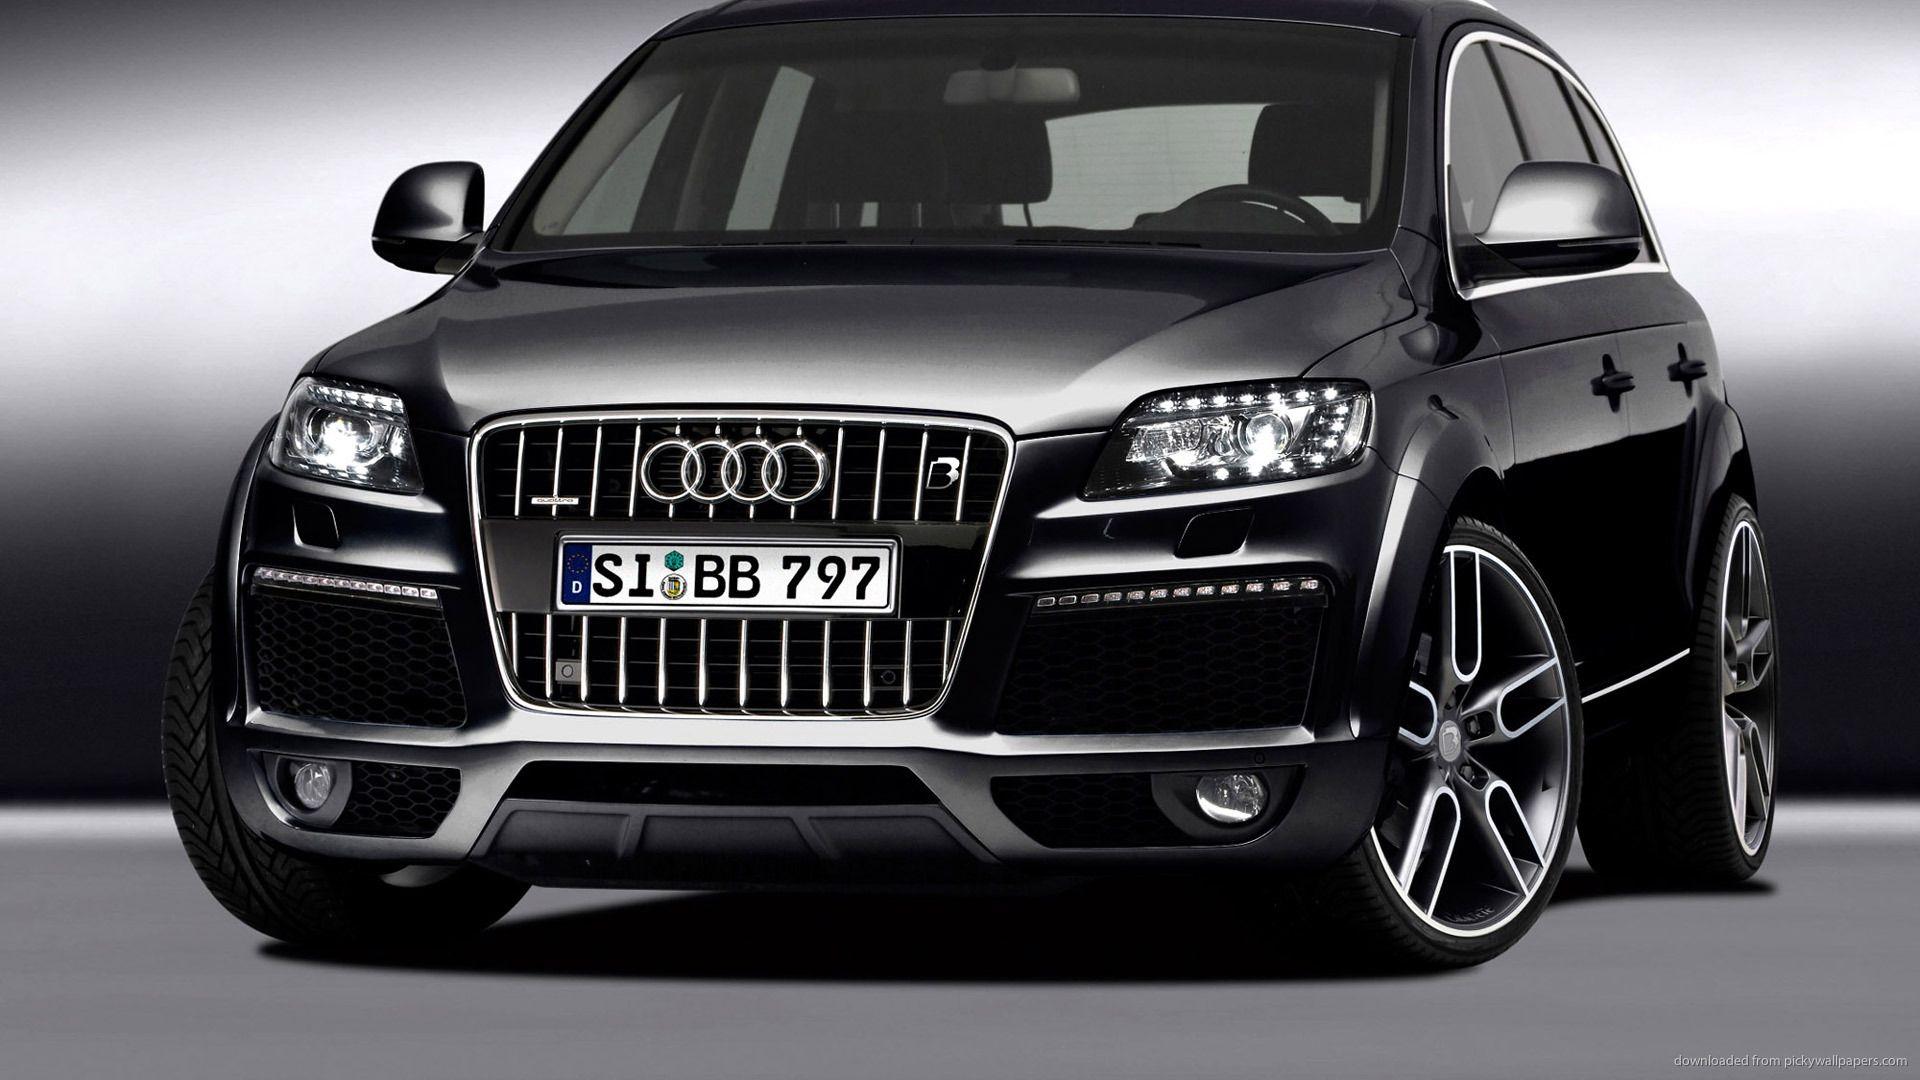 Audi q7 hd pics